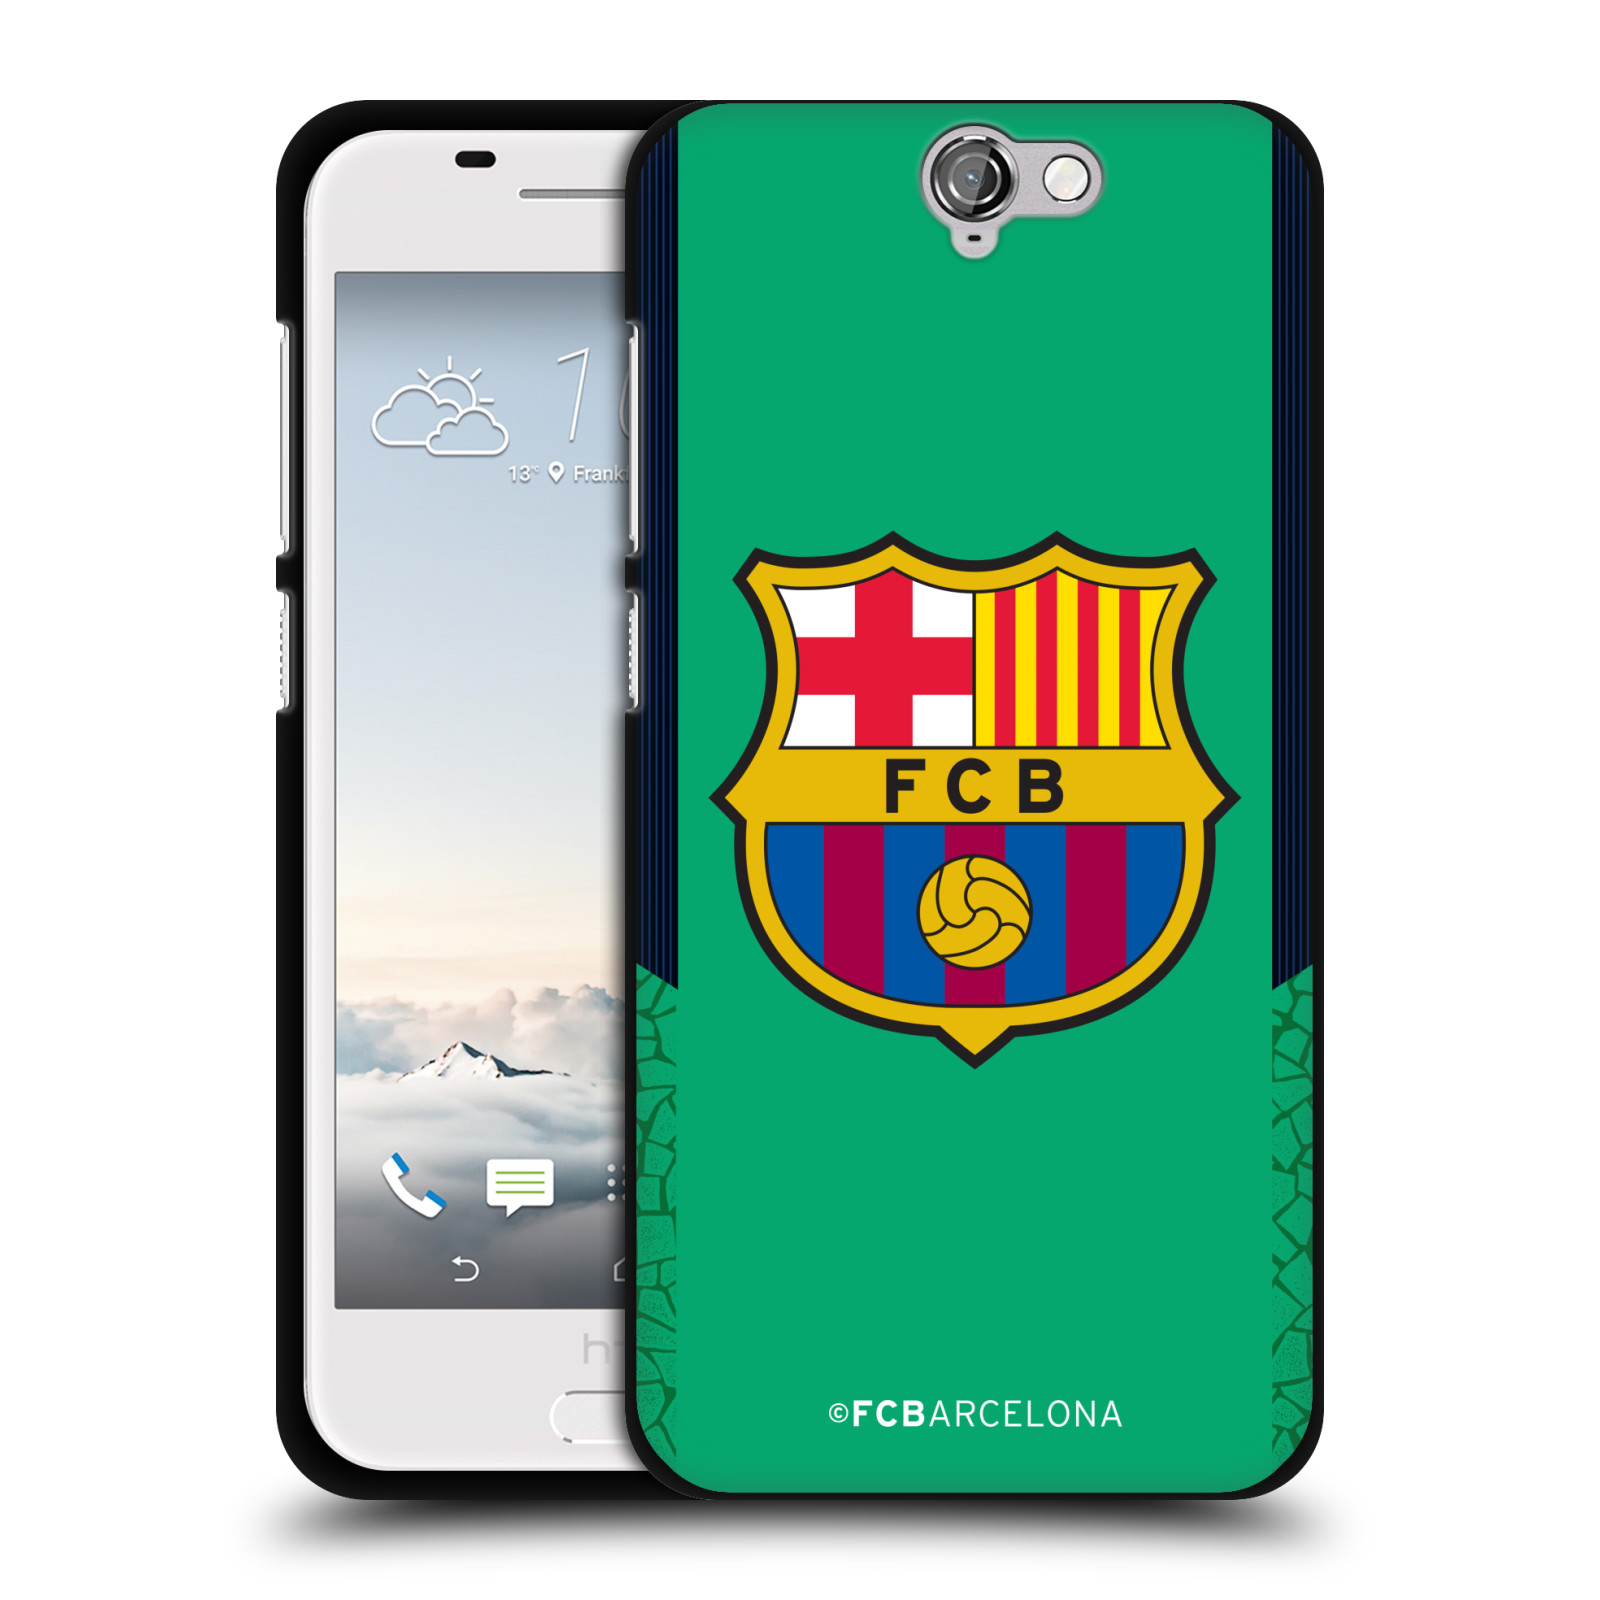 OFFICIAL-FC-BARCELONA-2017-18-CREST-KIT-BLACK-SOFT-GEL-CASE-FOR-HTC-PHONES